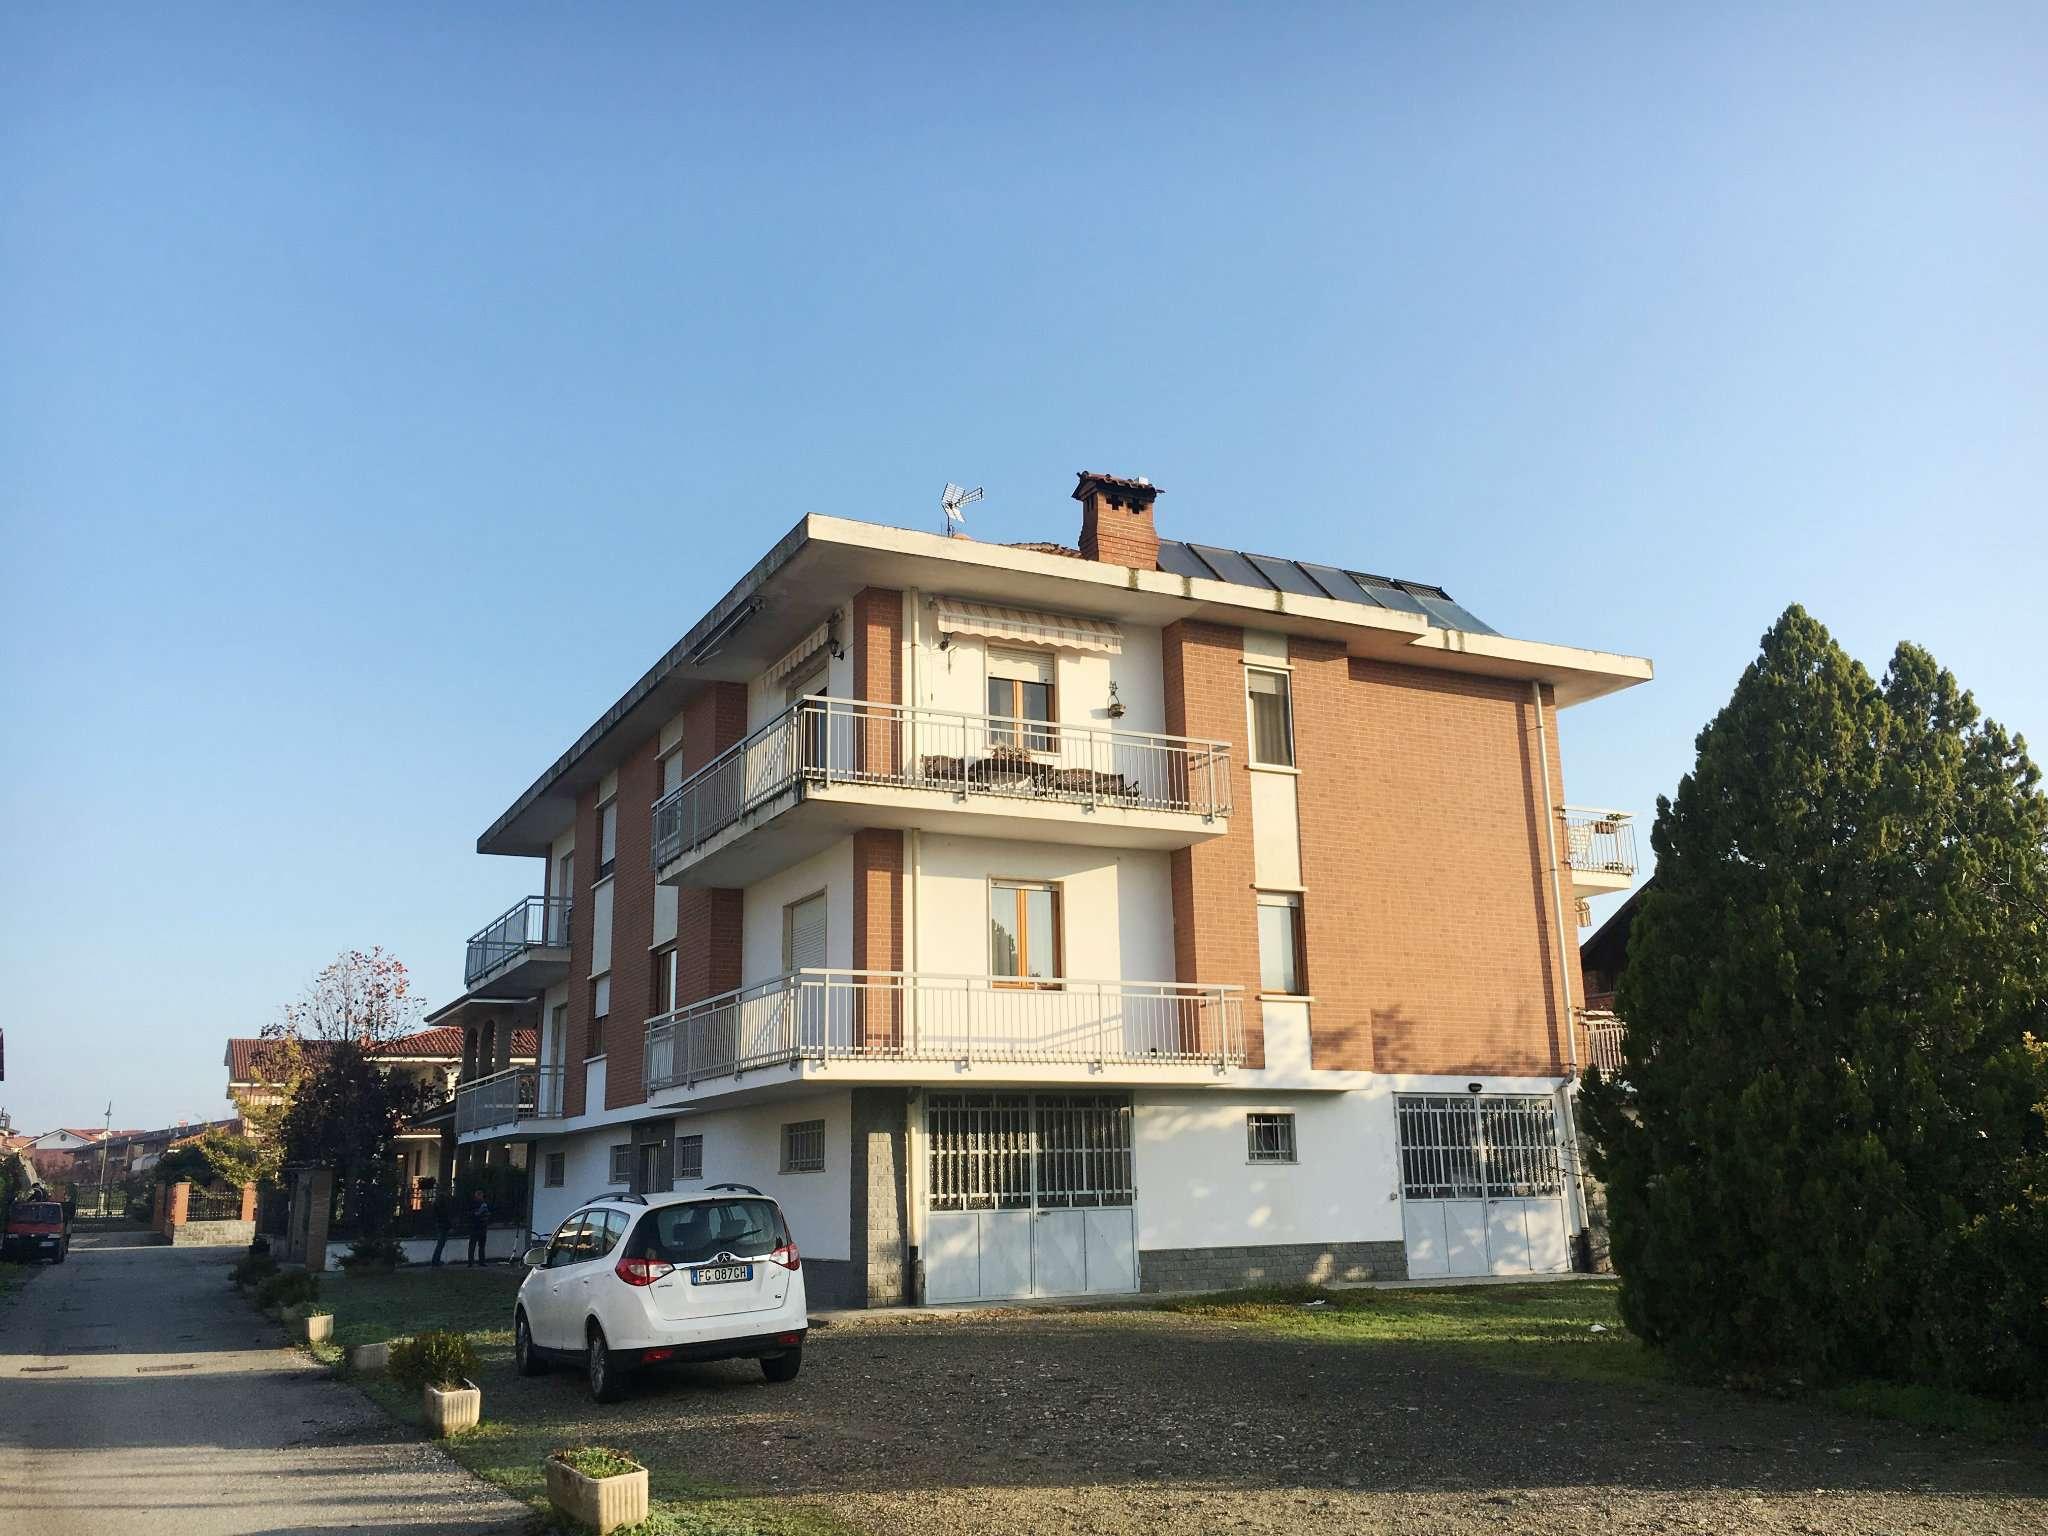 Appartamento in vendita a Leini, 4 locali, prezzo € 149.000 | CambioCasa.it